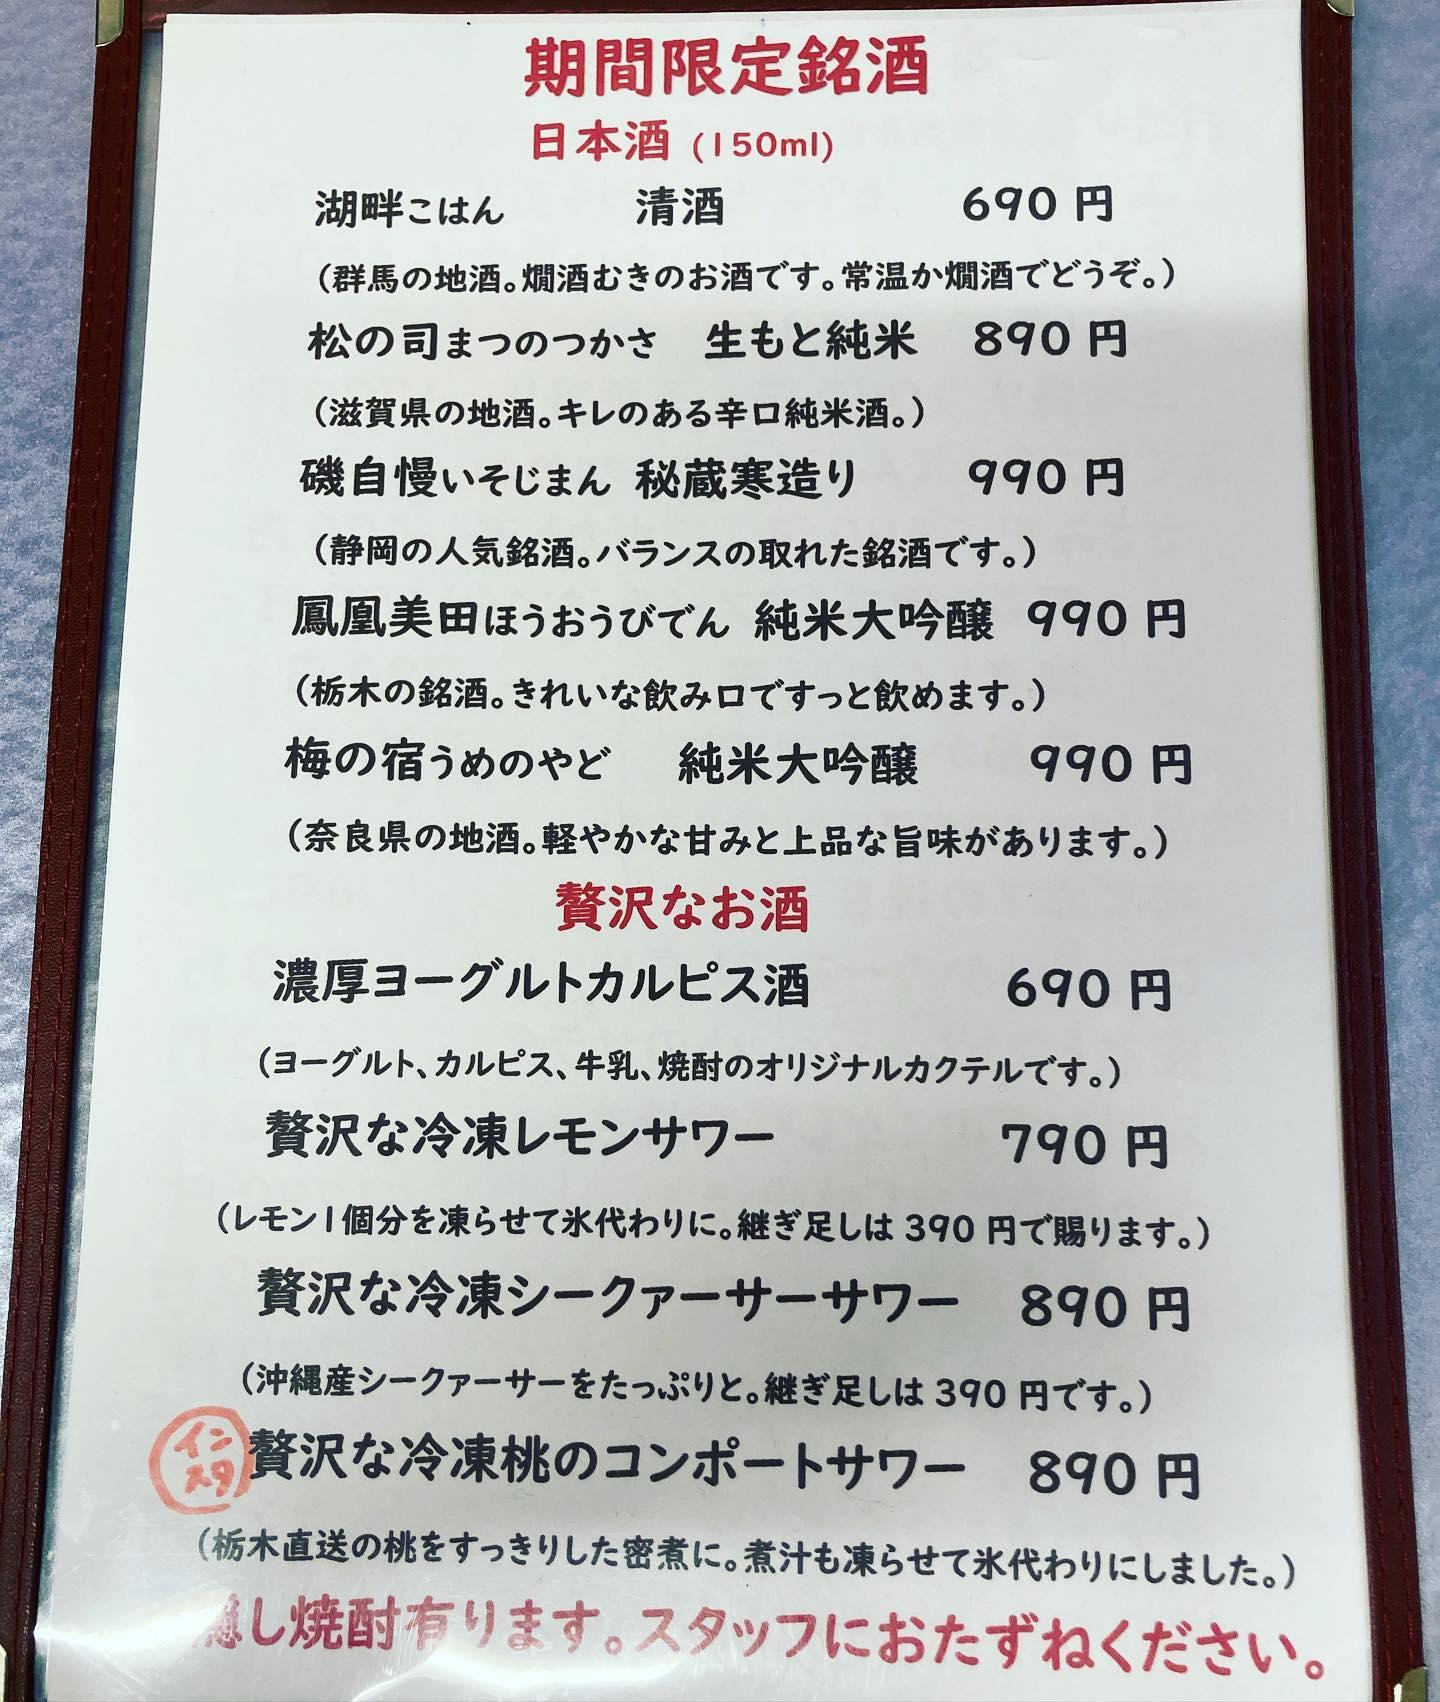 [おはしどころ菜でしこ] 〜本日のおすすめのお酒とお料理〜    最近 ガッツと暑くなってきましたので  日本酒もサワーもスッキリ系を多めに     #おはしどころ菜でしこ #本庄駅南口ロータリー内 月曜日定休 17:00オープン  #なでしこ #本庄女子会 #居酒屋 #本庄1人飲み #ほんじょうテイクアウト #テイクアウト #本庄テイクアウト #本庄出張料理 #本庄駅前テイクアウト #前橋 #籠原 #日本酒 #お通しが豪華